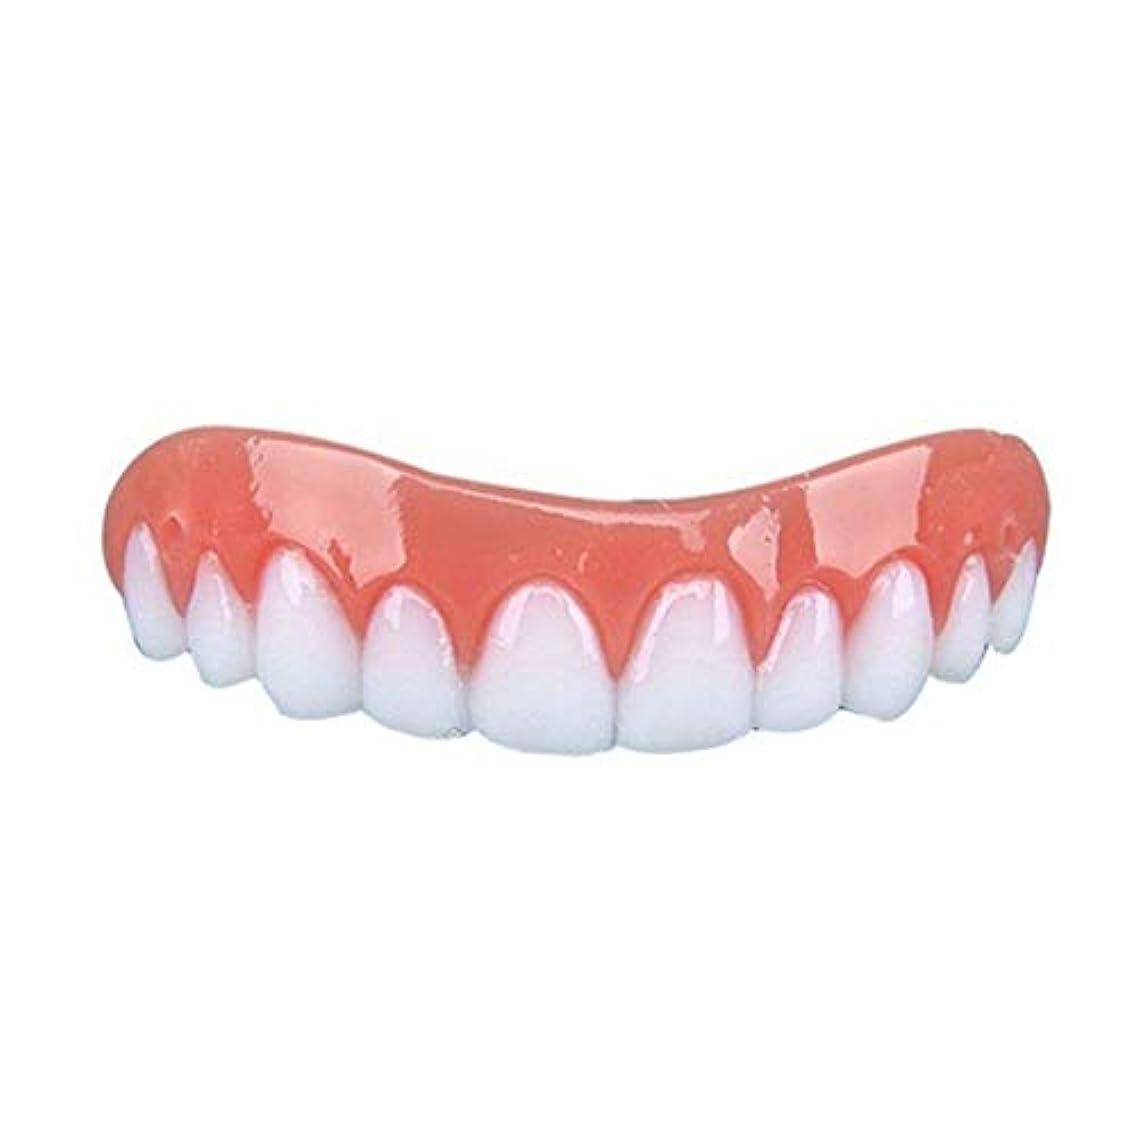 たとえテーブルを設定するレジデンスBartram 歯カバー シリコン義歯ペースト 上歯 笑顔を保つ 歯保護 美容用 入れ歯 矯正義歯